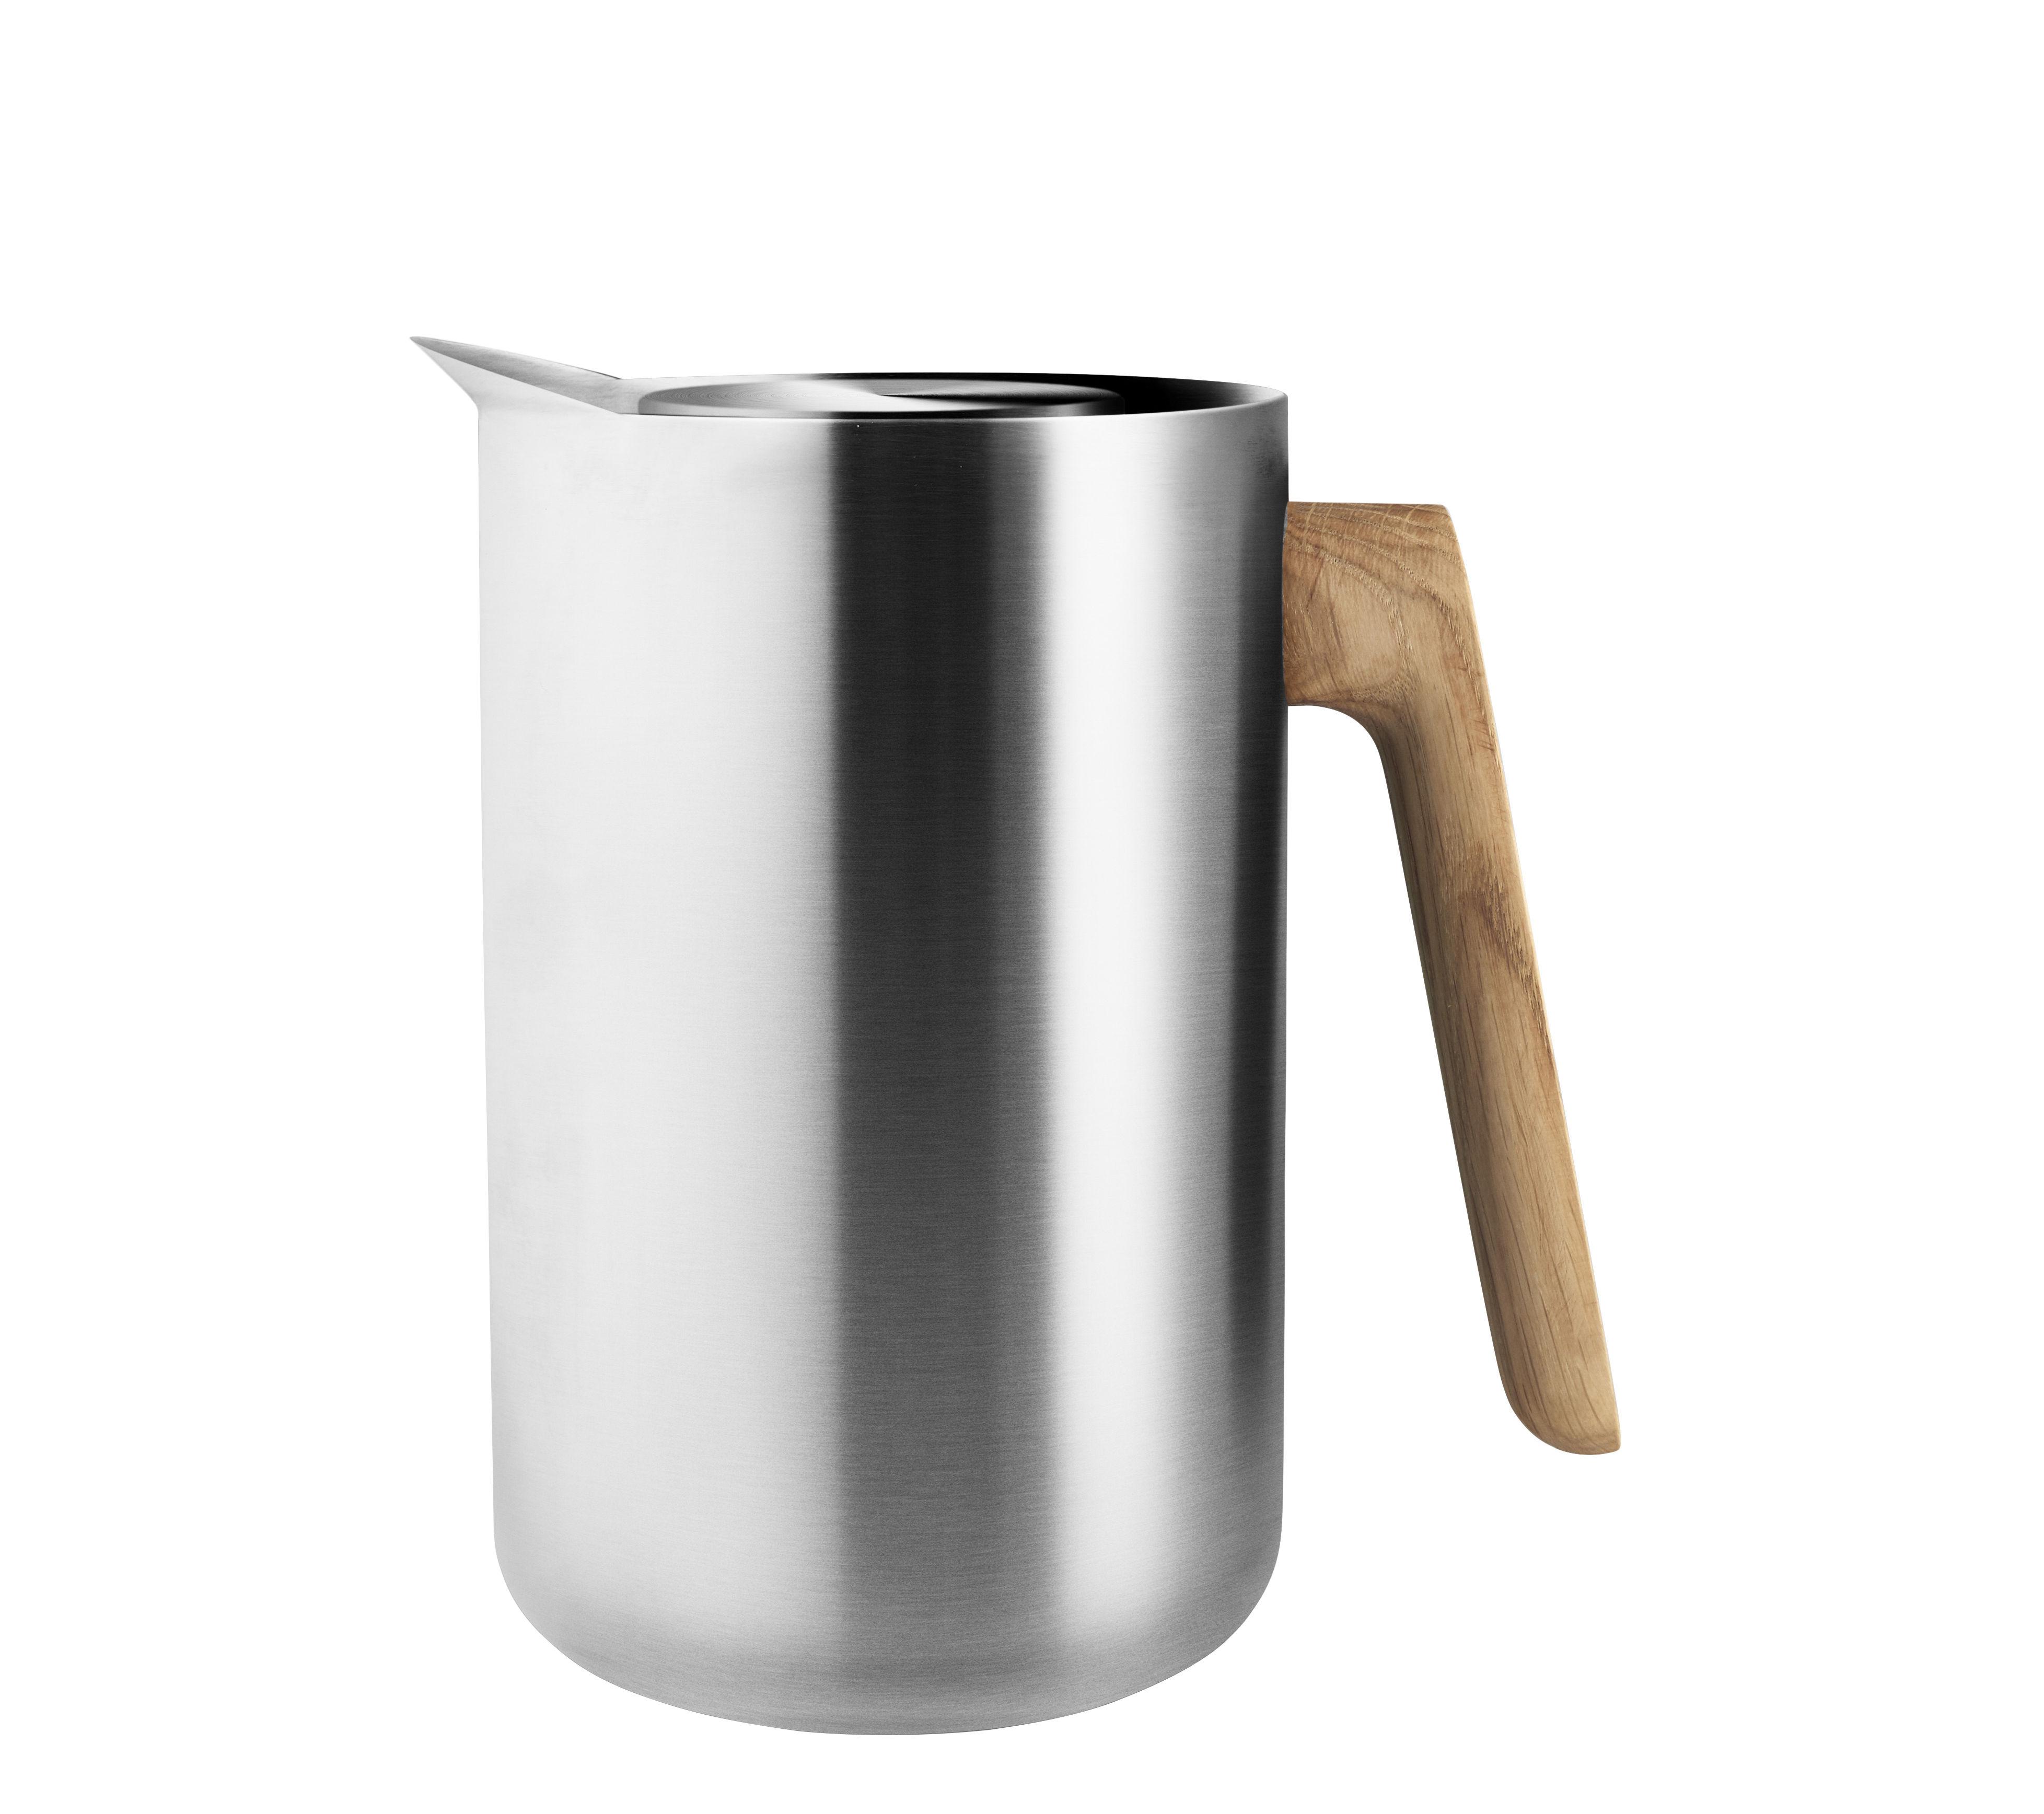 Tableware - Tea & Coffee Accessories - Nordic Kitchen Insulated jug - / 1 L - Steel & oak by Eva Solo - Stainless steel / Oak - Oak, Plastic, Stainless steel